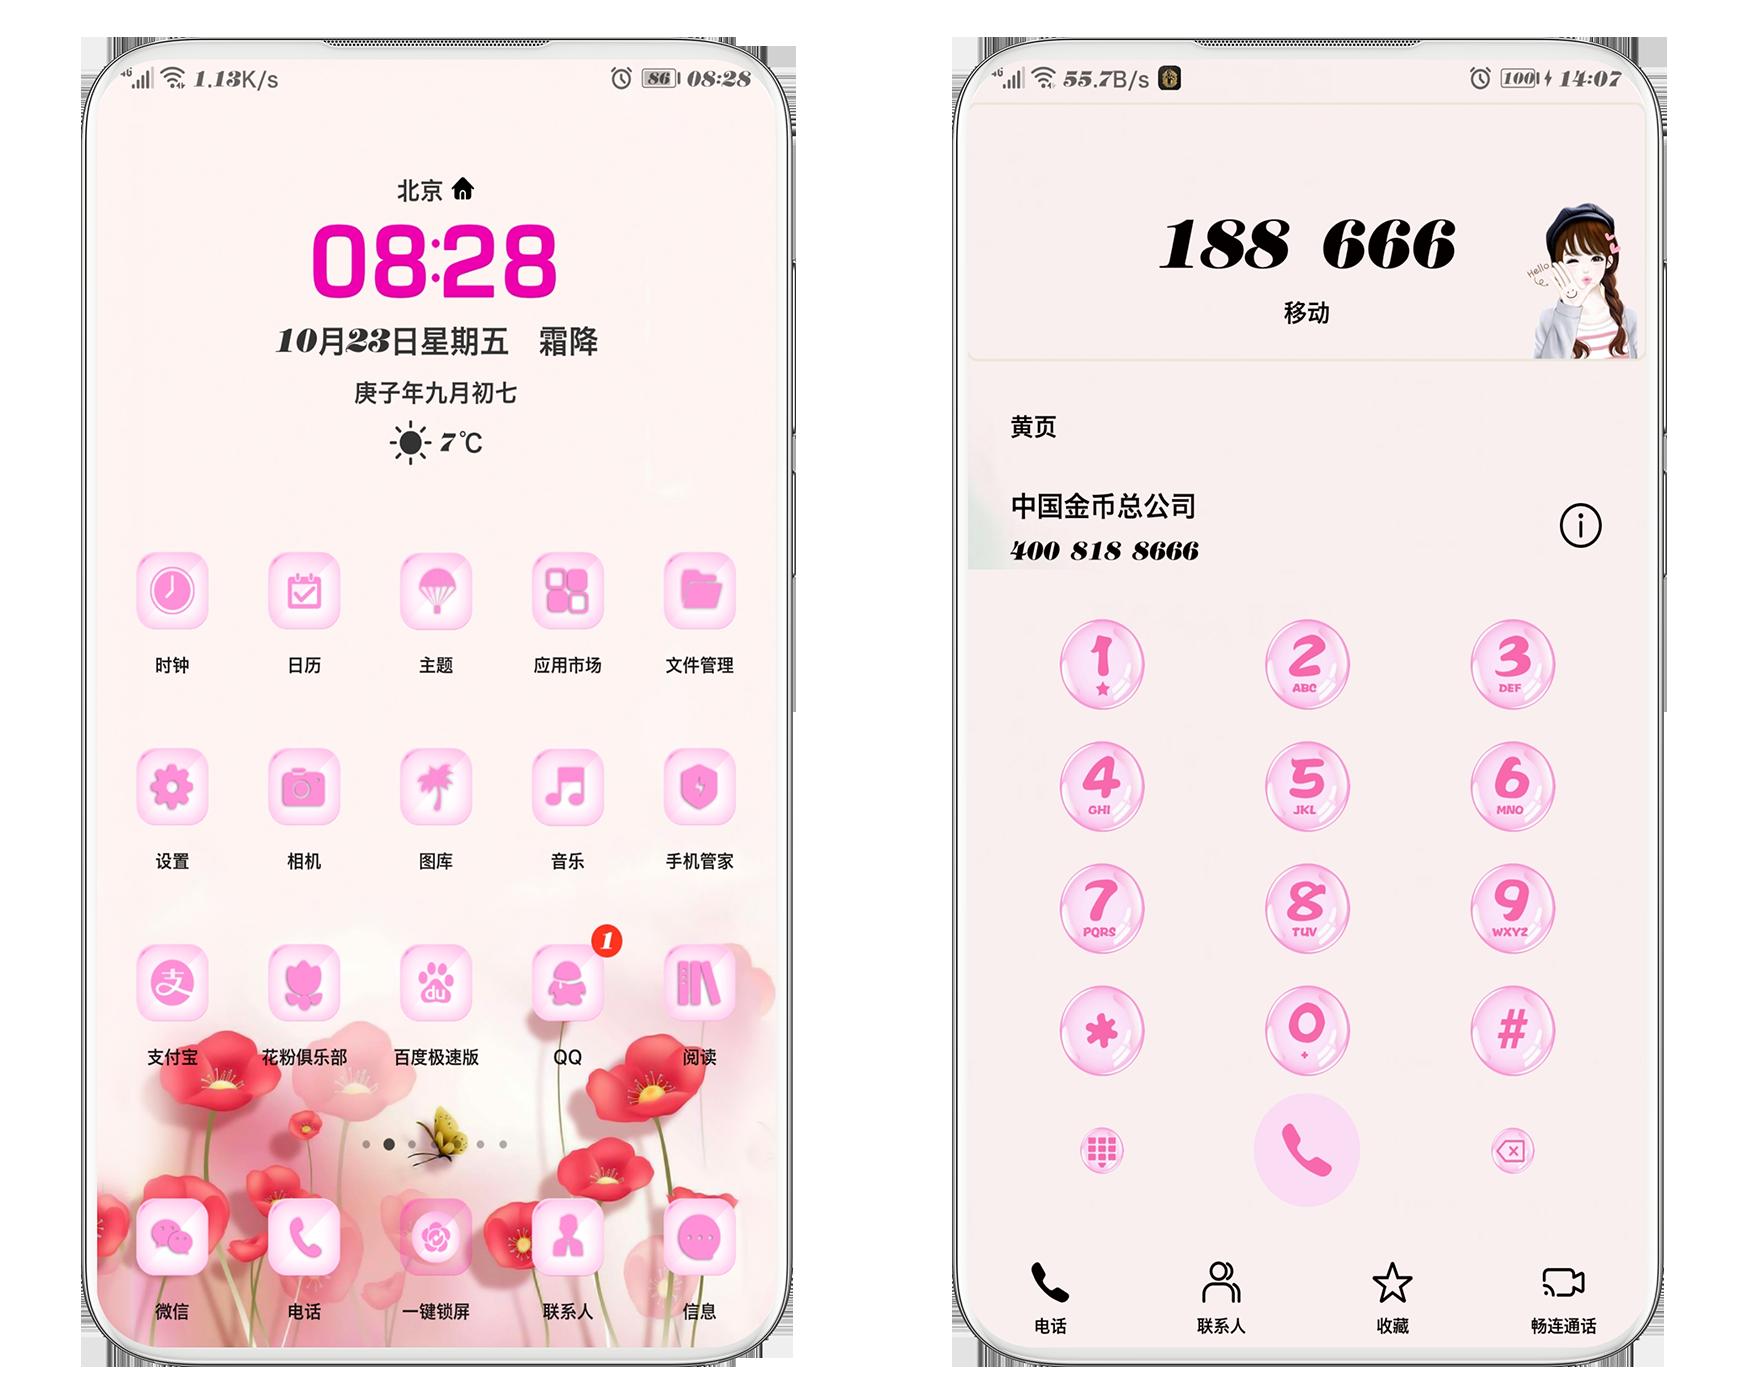 【主题爱好者】《enakei女生》很久以前粉红色都是纯爷们 添加微信气泡 适配emui10.1-9,主题爱好者-花粉俱乐部